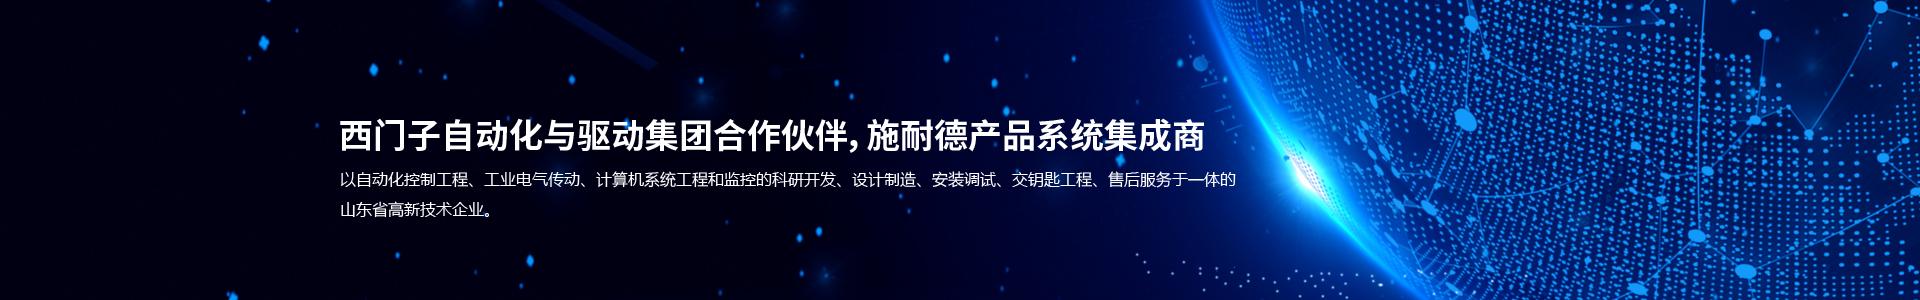 http://www.cnxiangshengkeji.com/data/upload/202001/20200116174106_159.jpg